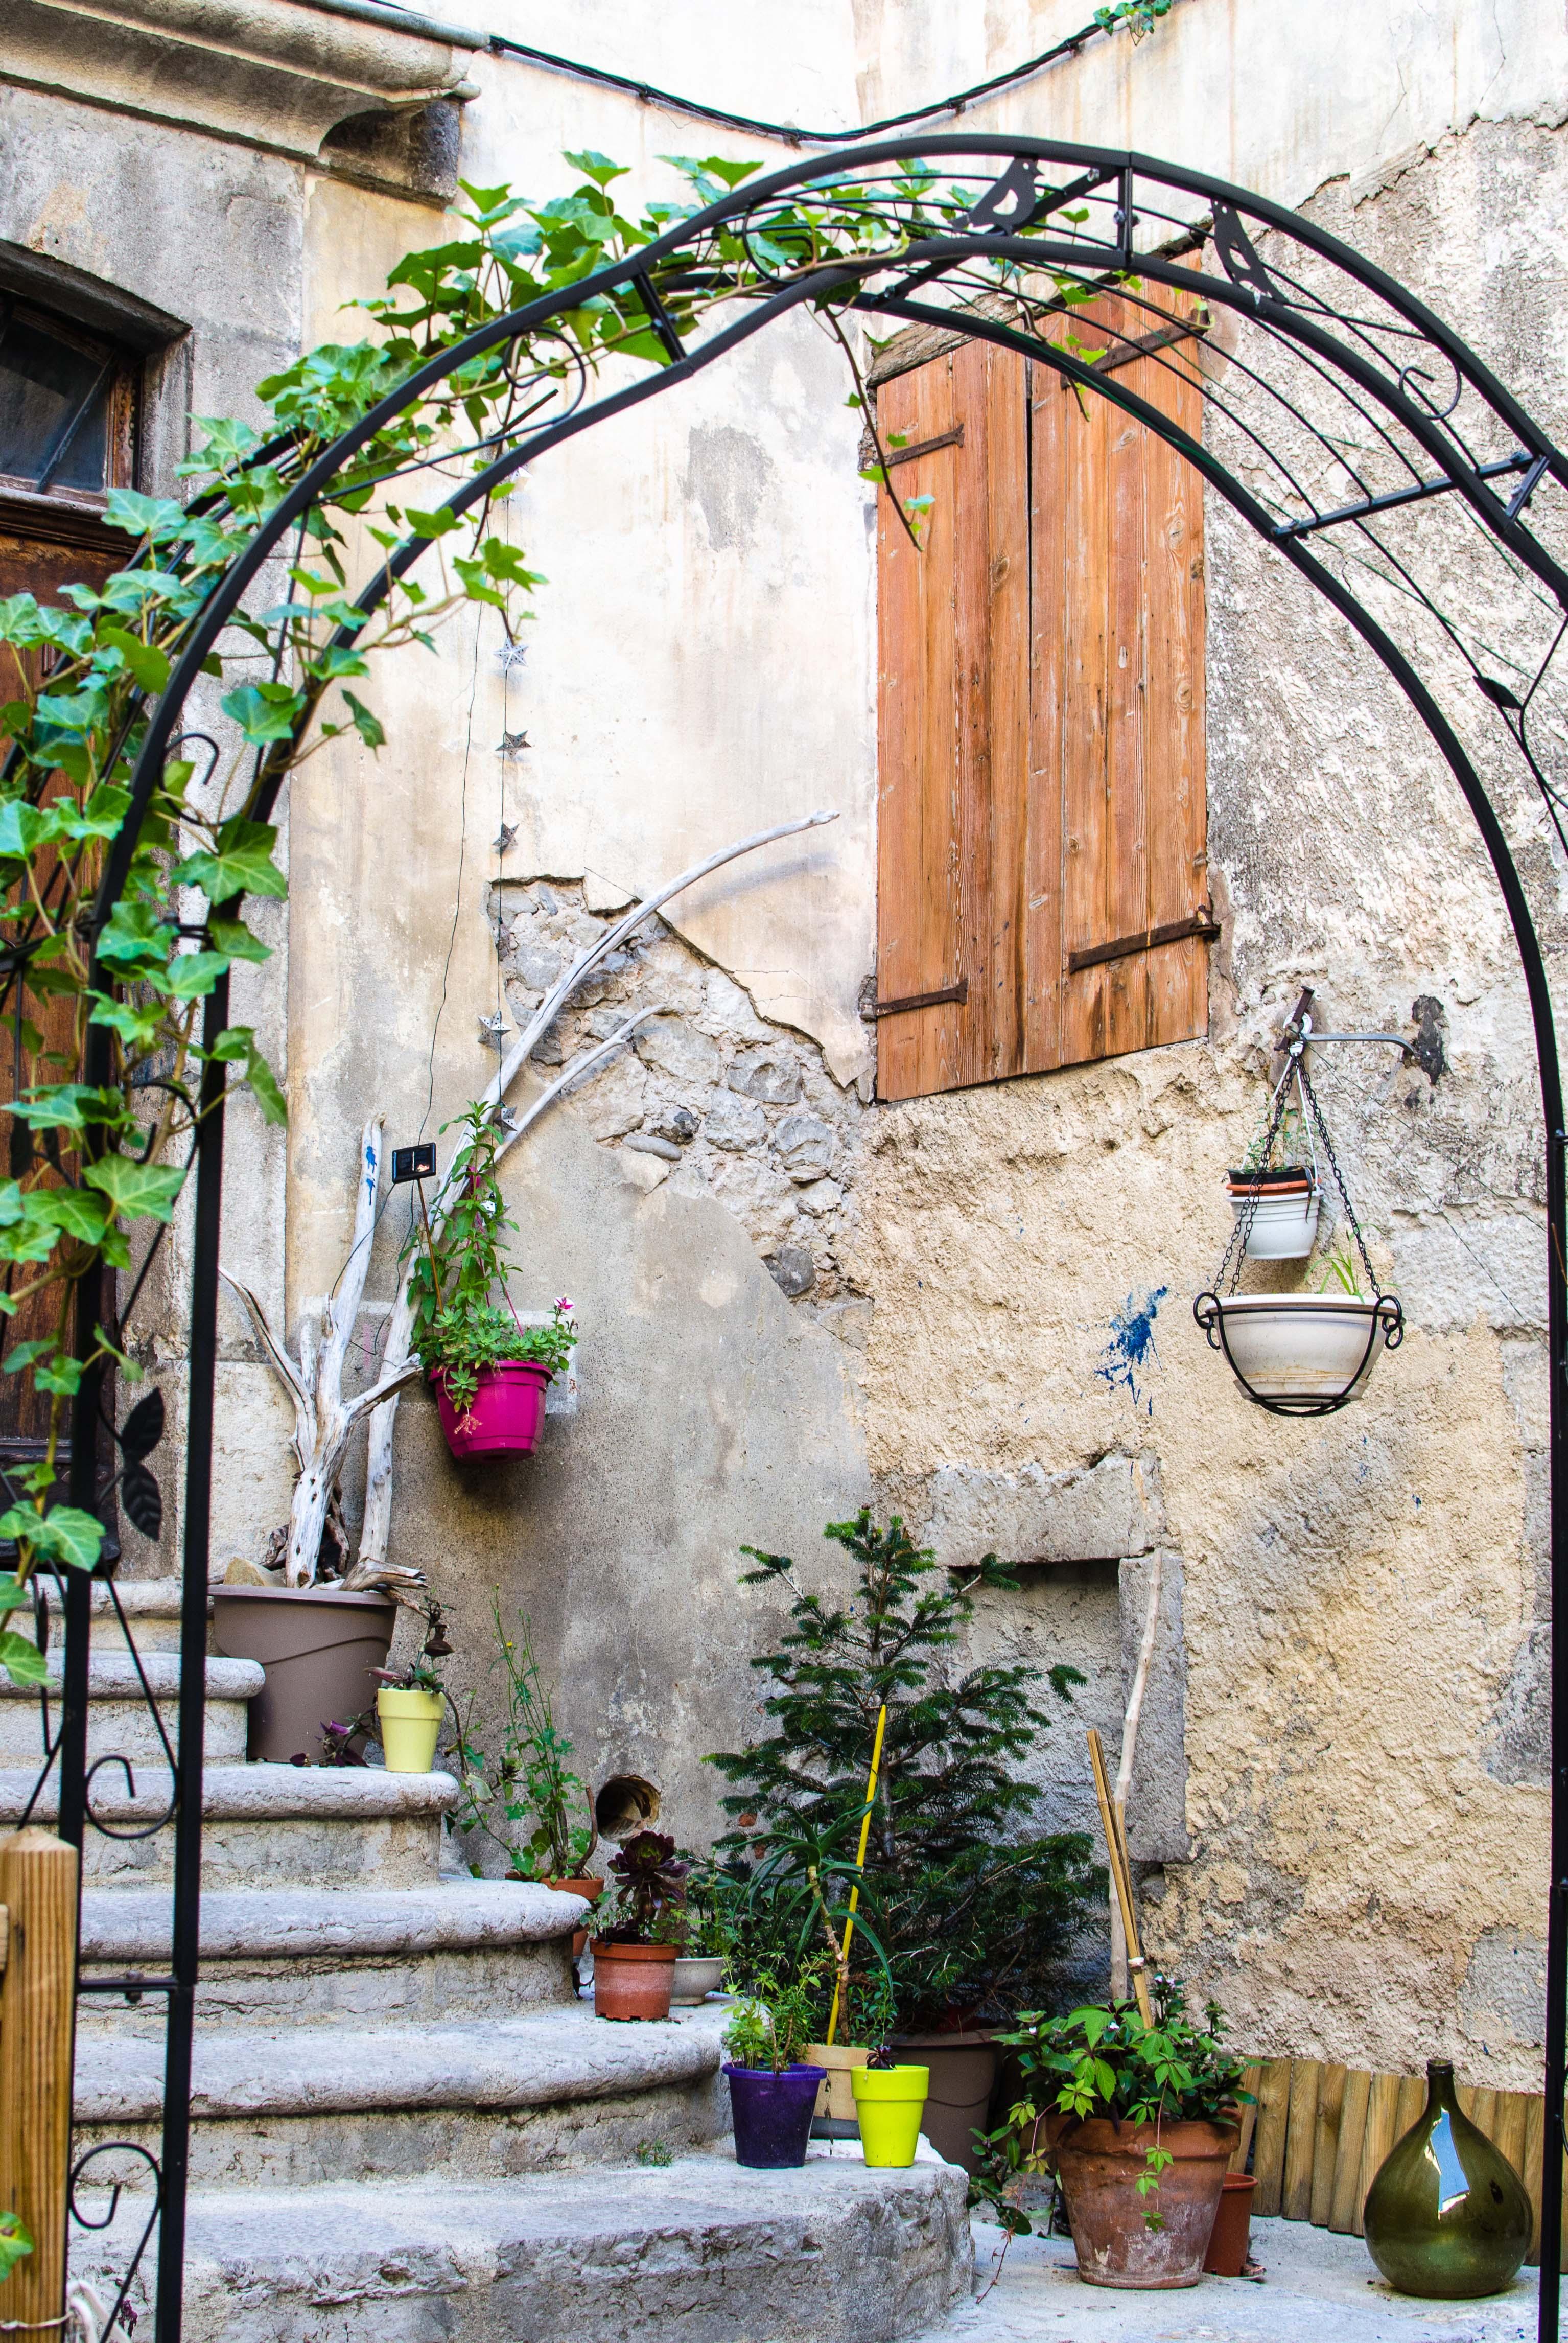 castellana Vacanze in Provenza, Camargue e Costa Azzurra